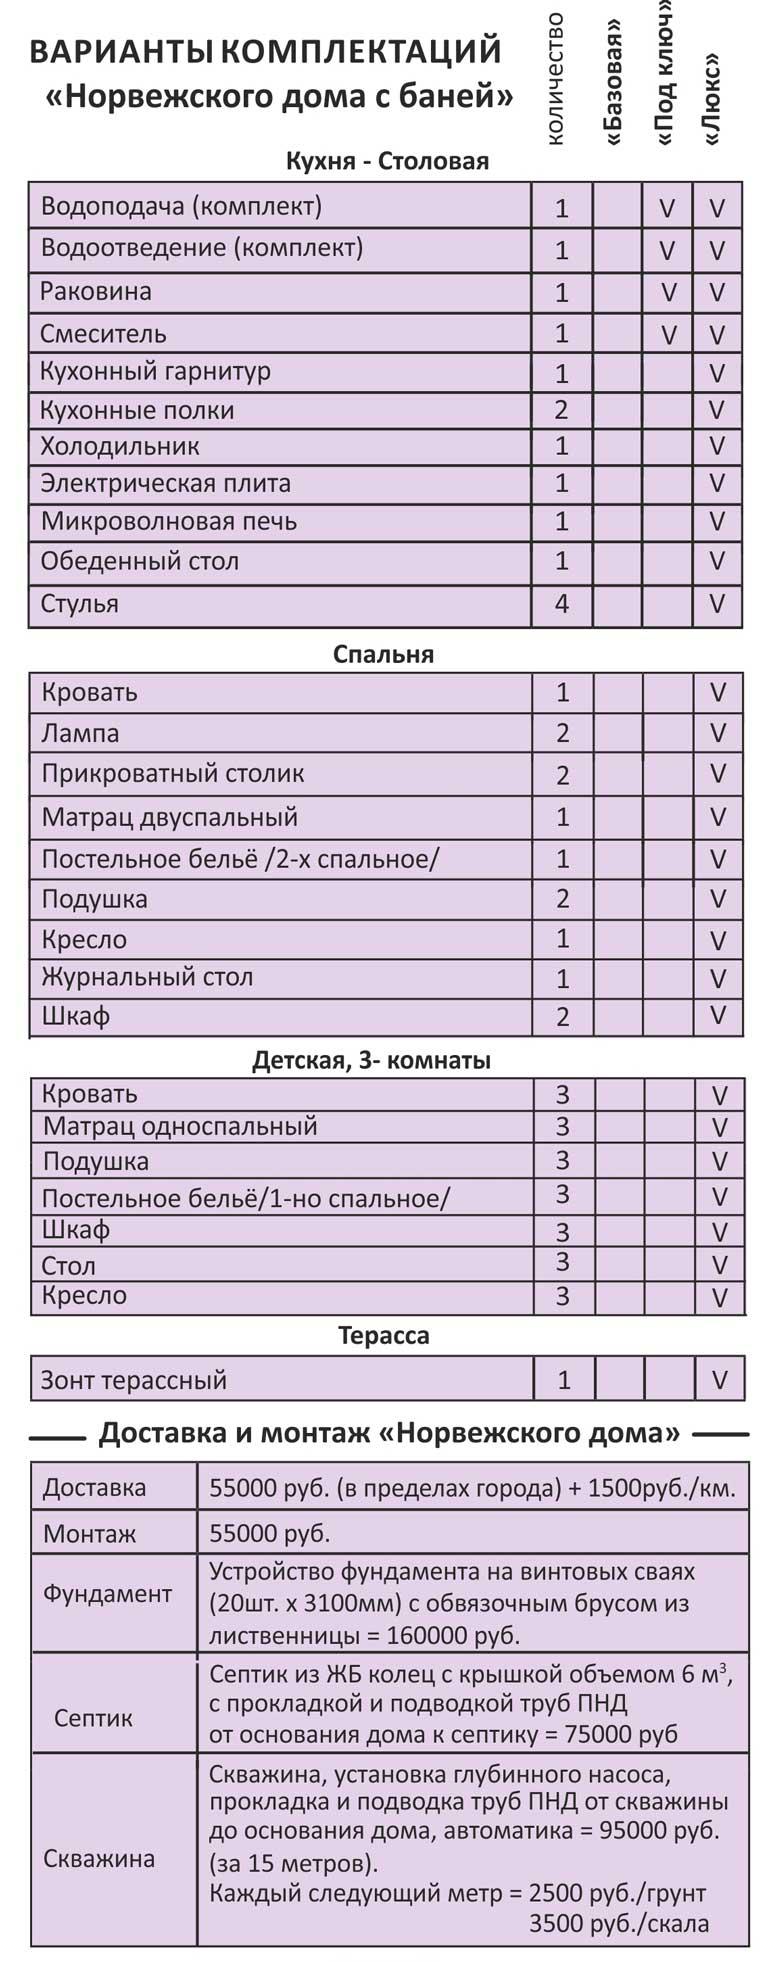 norvezhskiy-dom-banya-105-skandis-kursk